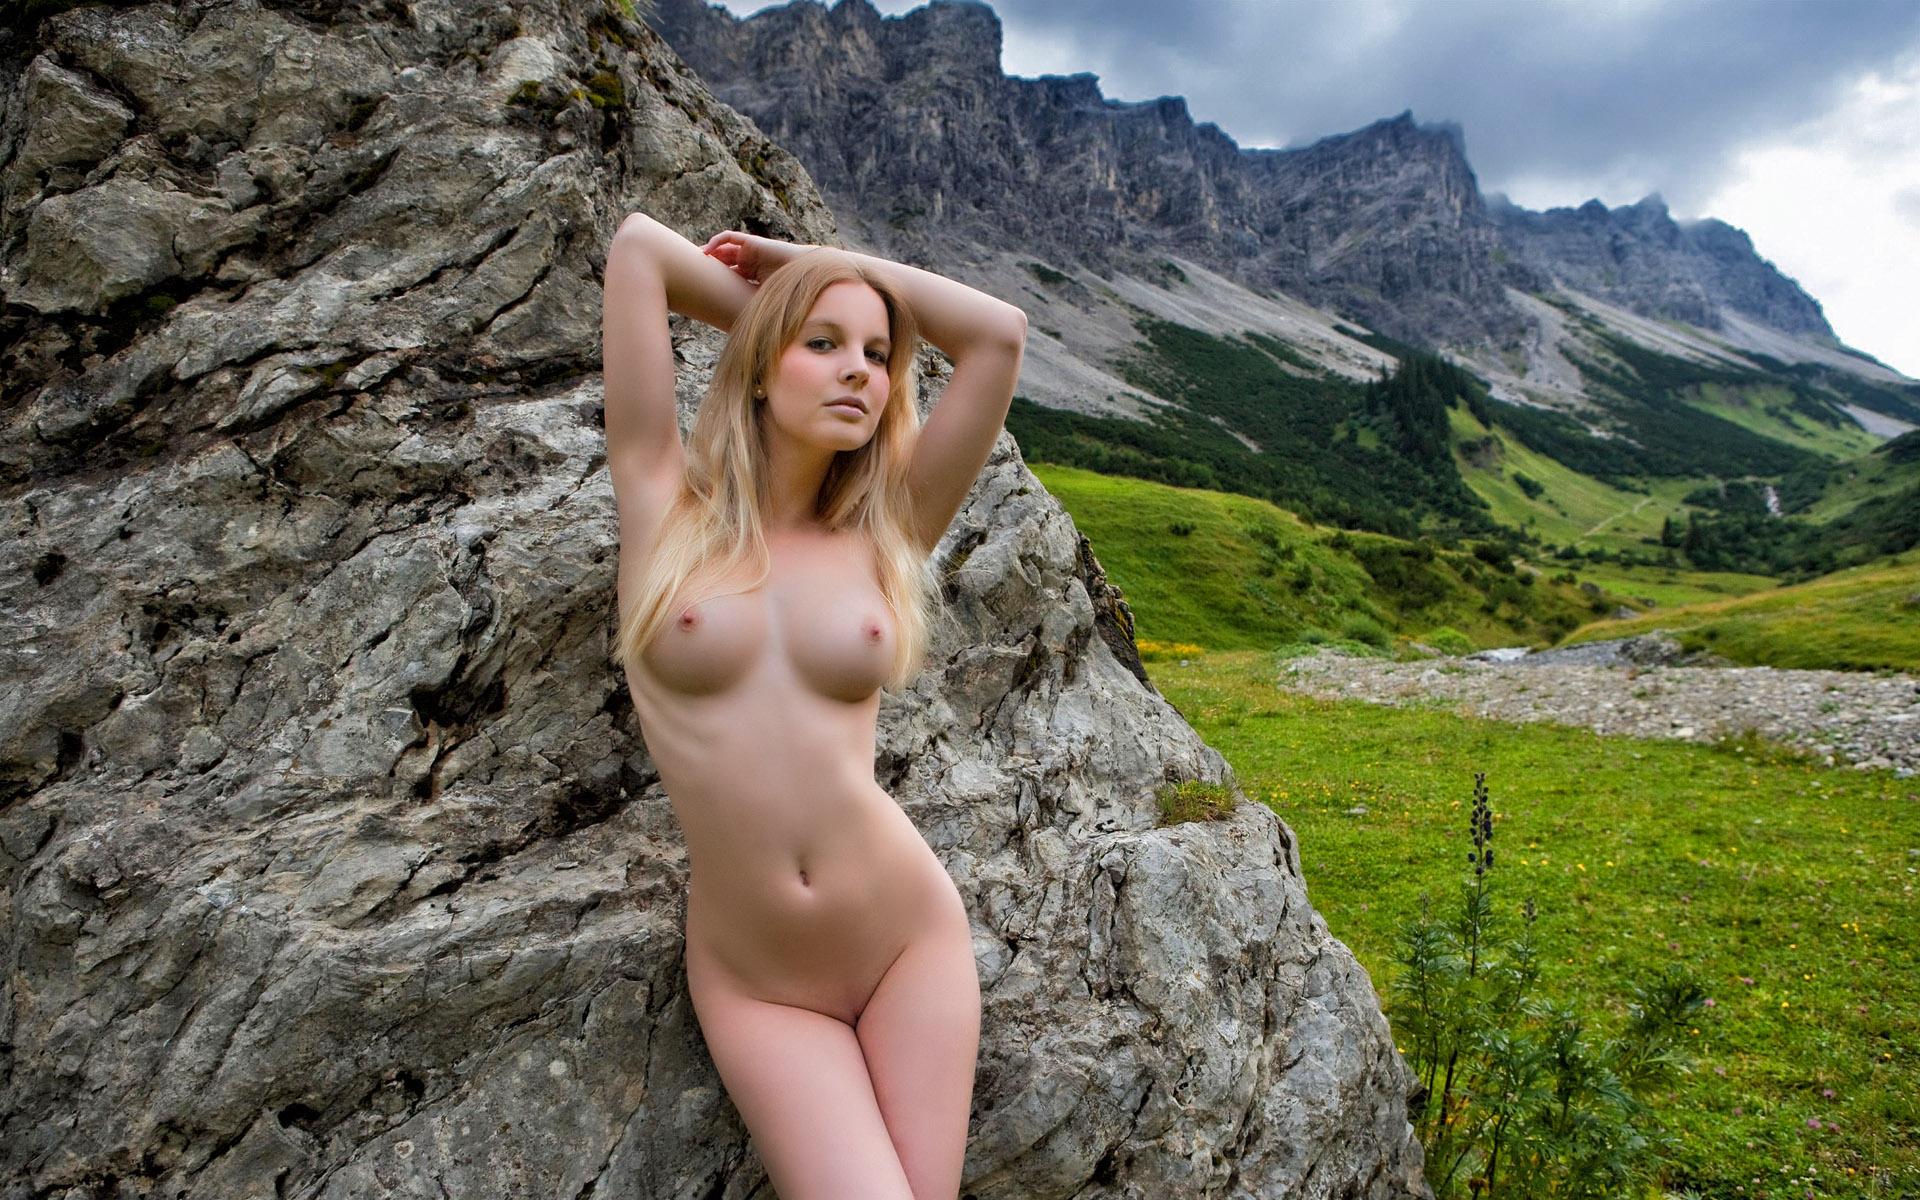 скачать фото голые девушки бесплатно